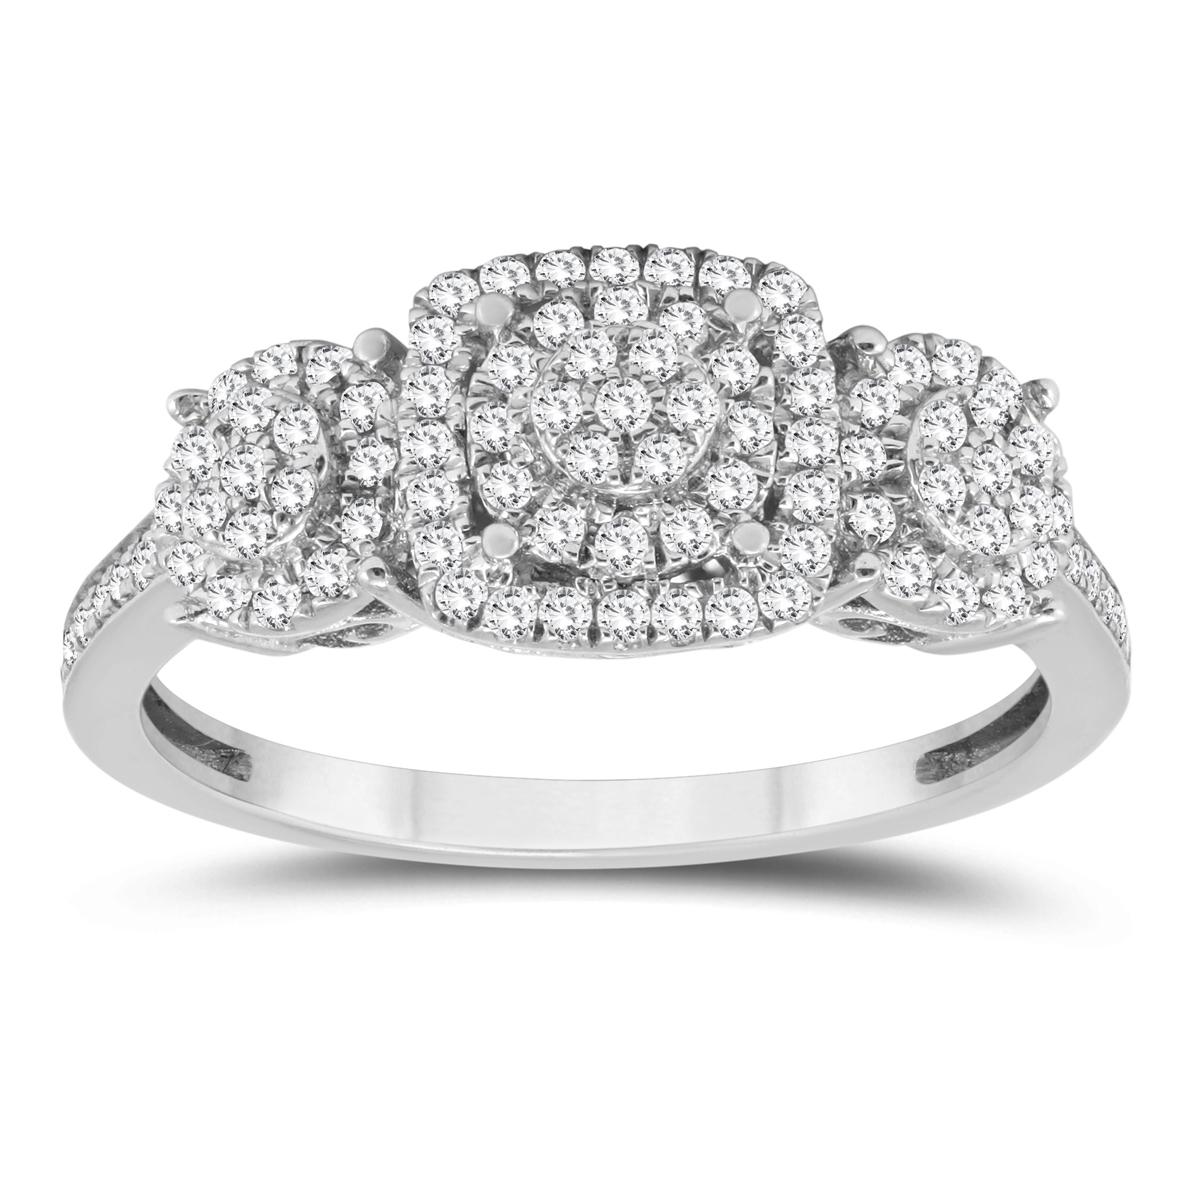 1/2 Carat Diamond Ring in 10K White Gold